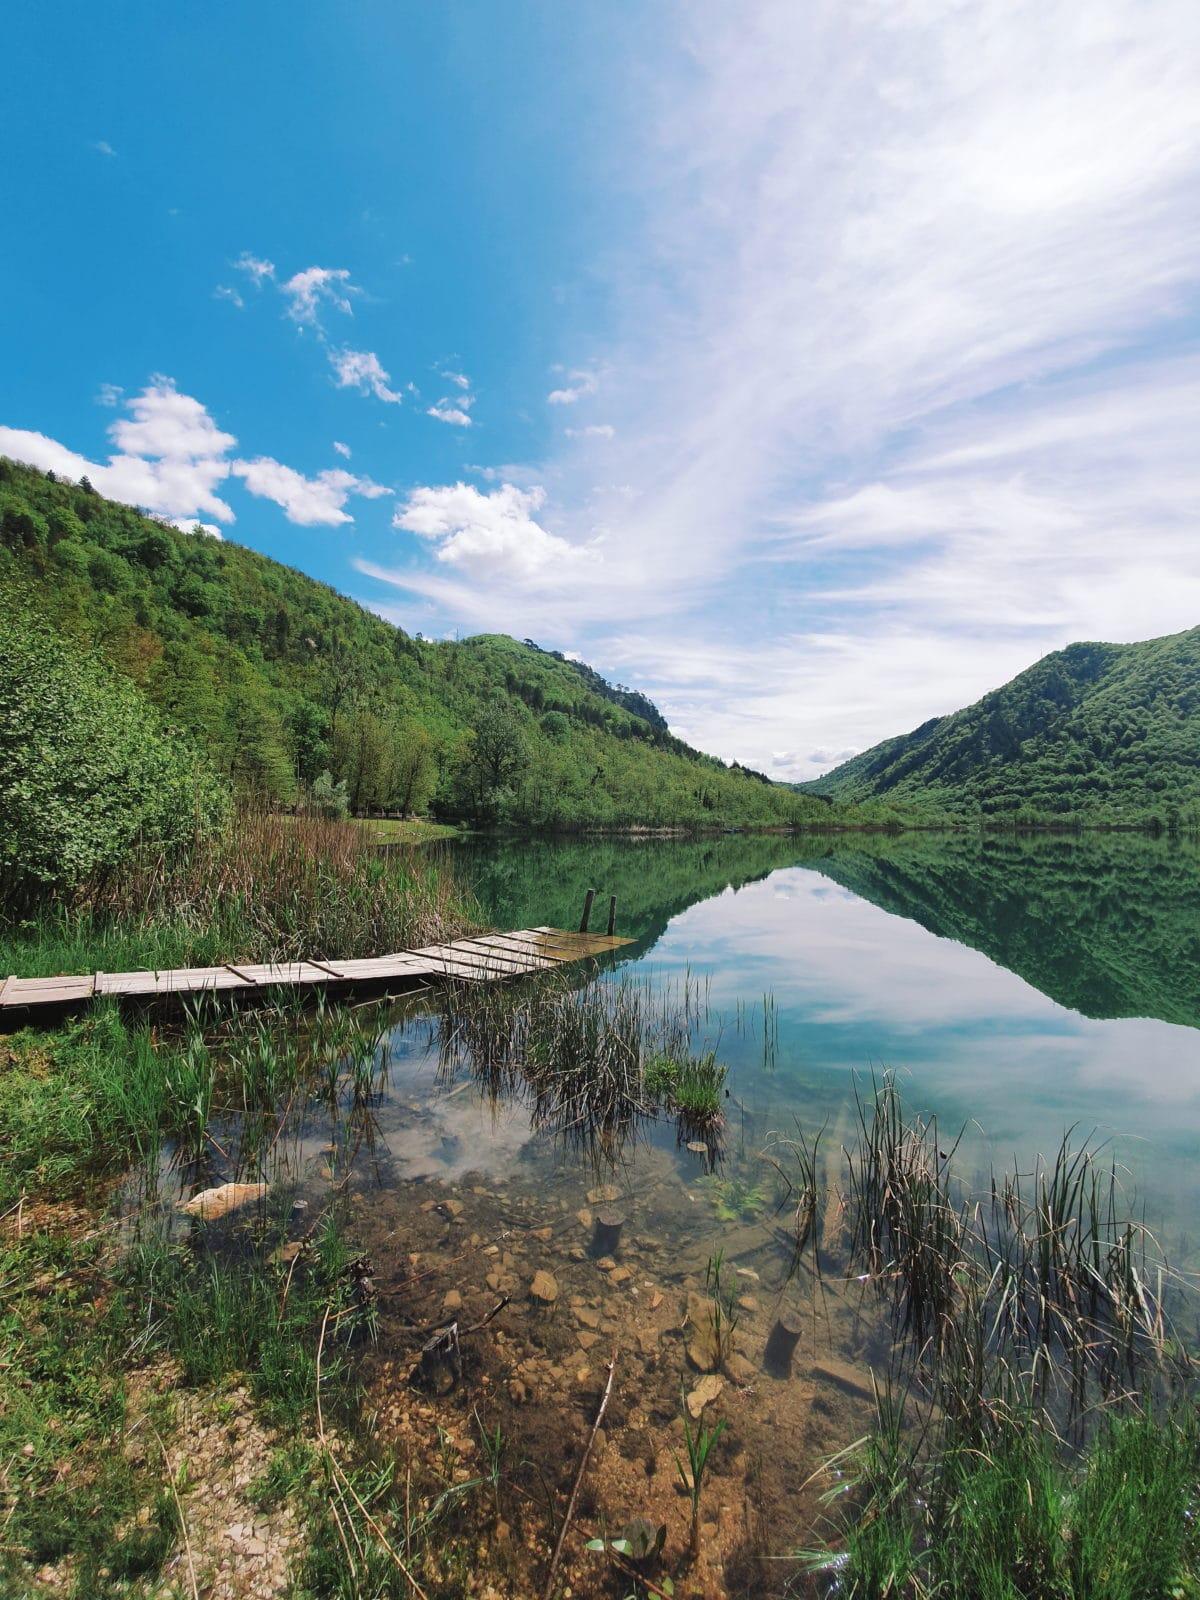 Kroatien-Bosnien-Bookingcom-5000 - 2019-05-10-10.34.31-1.jpg